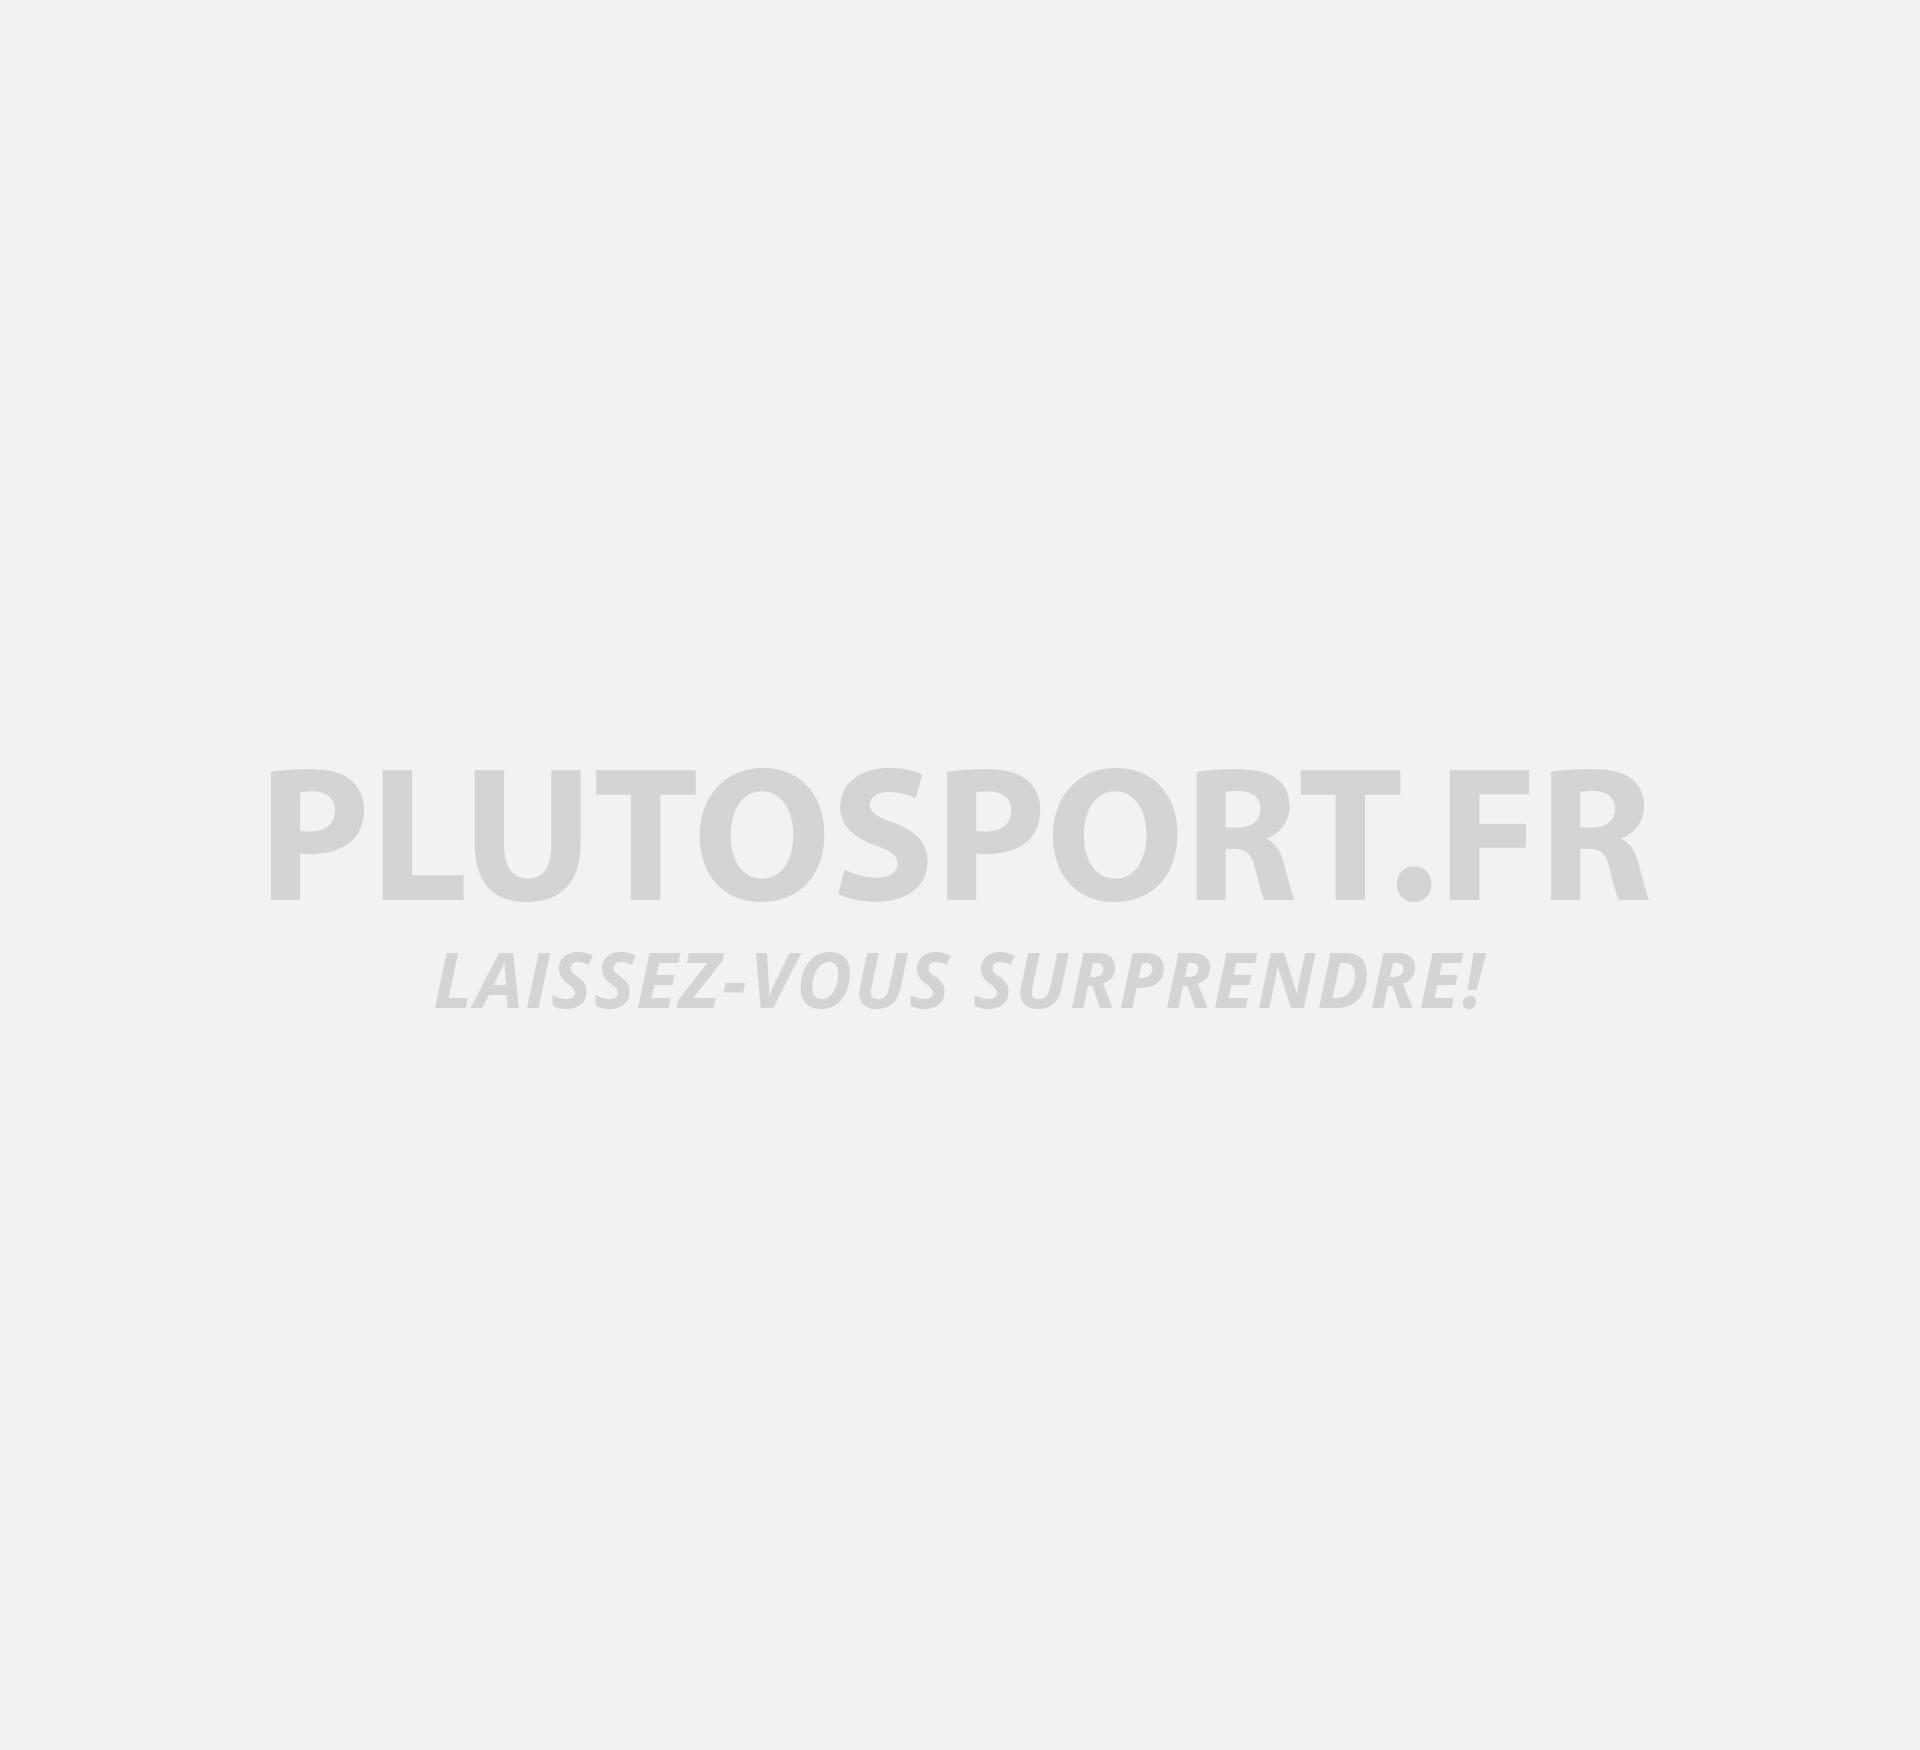 Chaussettes Salomon Access Femme (lot de 2)